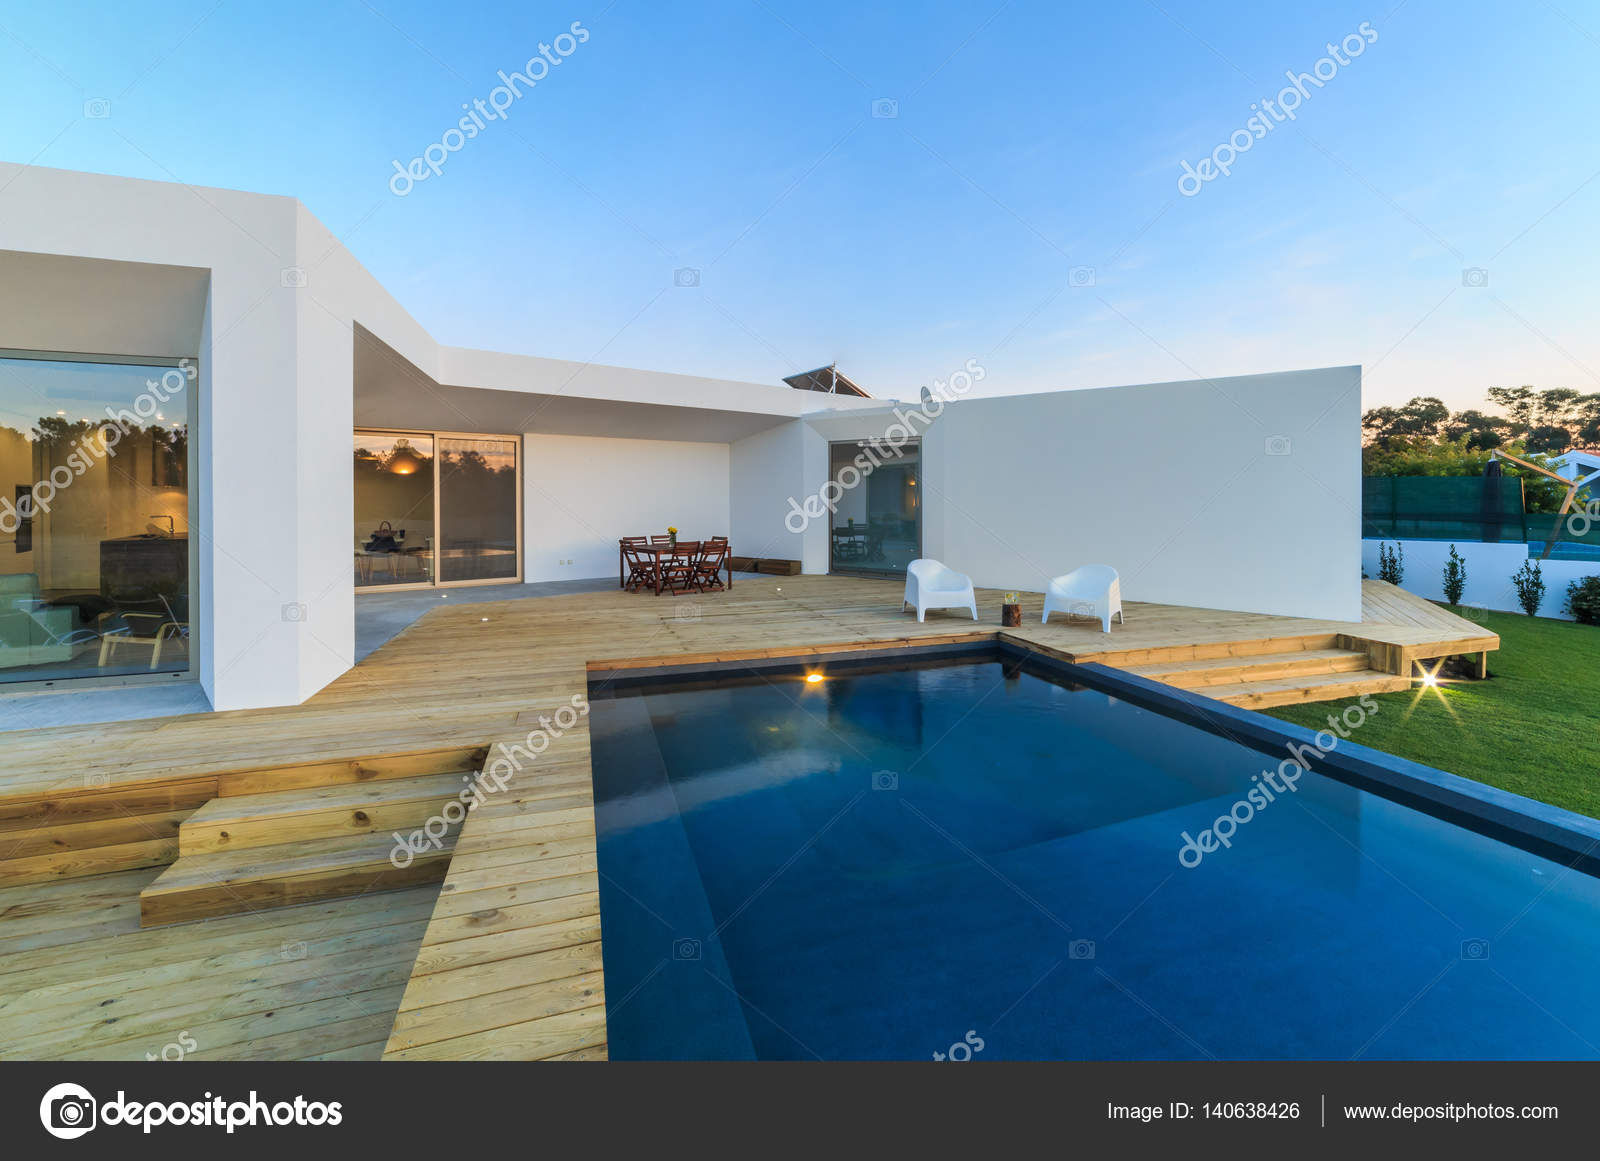 Casa moderna com jardim piscina e deck de madeira stock for Casa moderna piscina